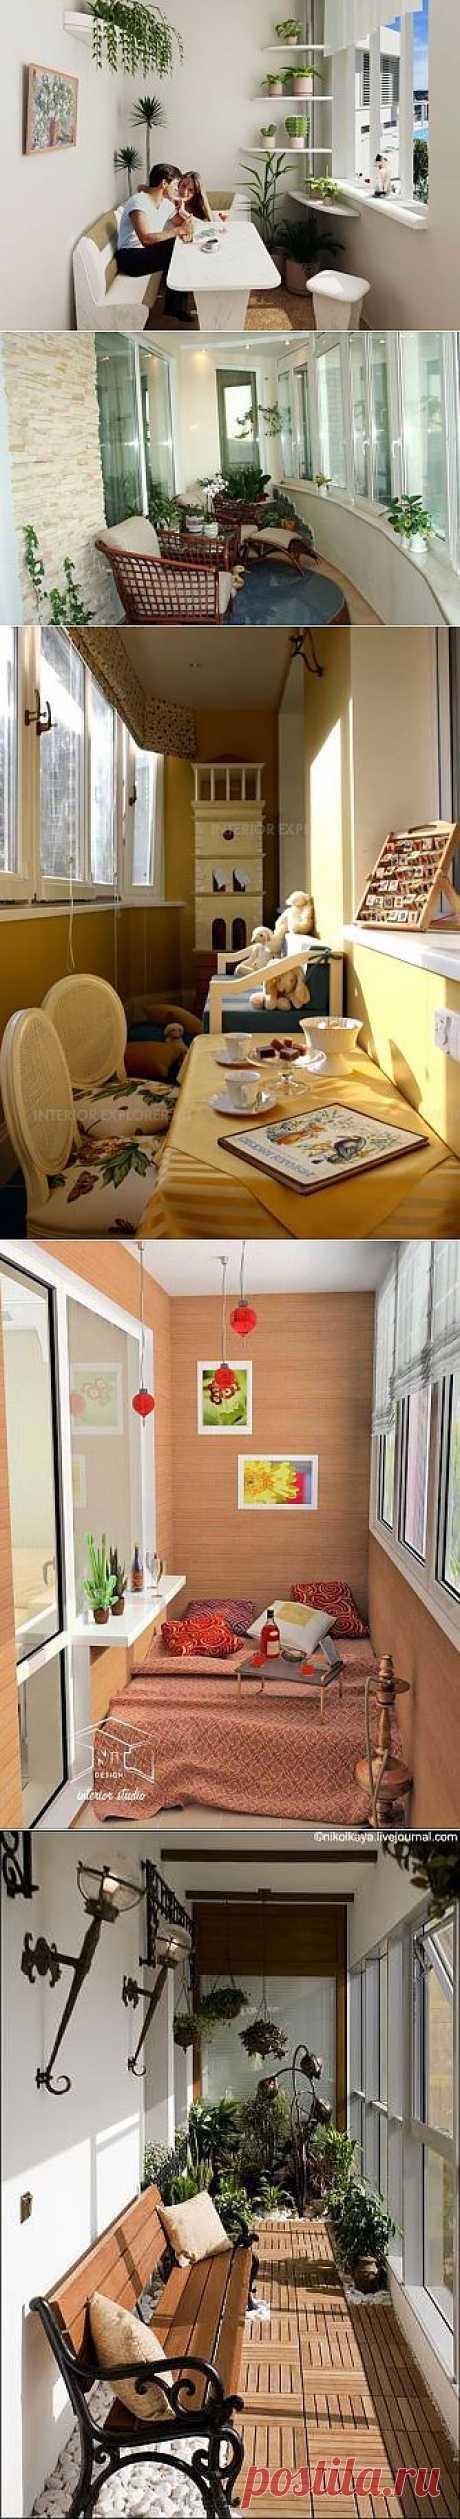 Идеи для отделки и дизайна балкона или лоджии.